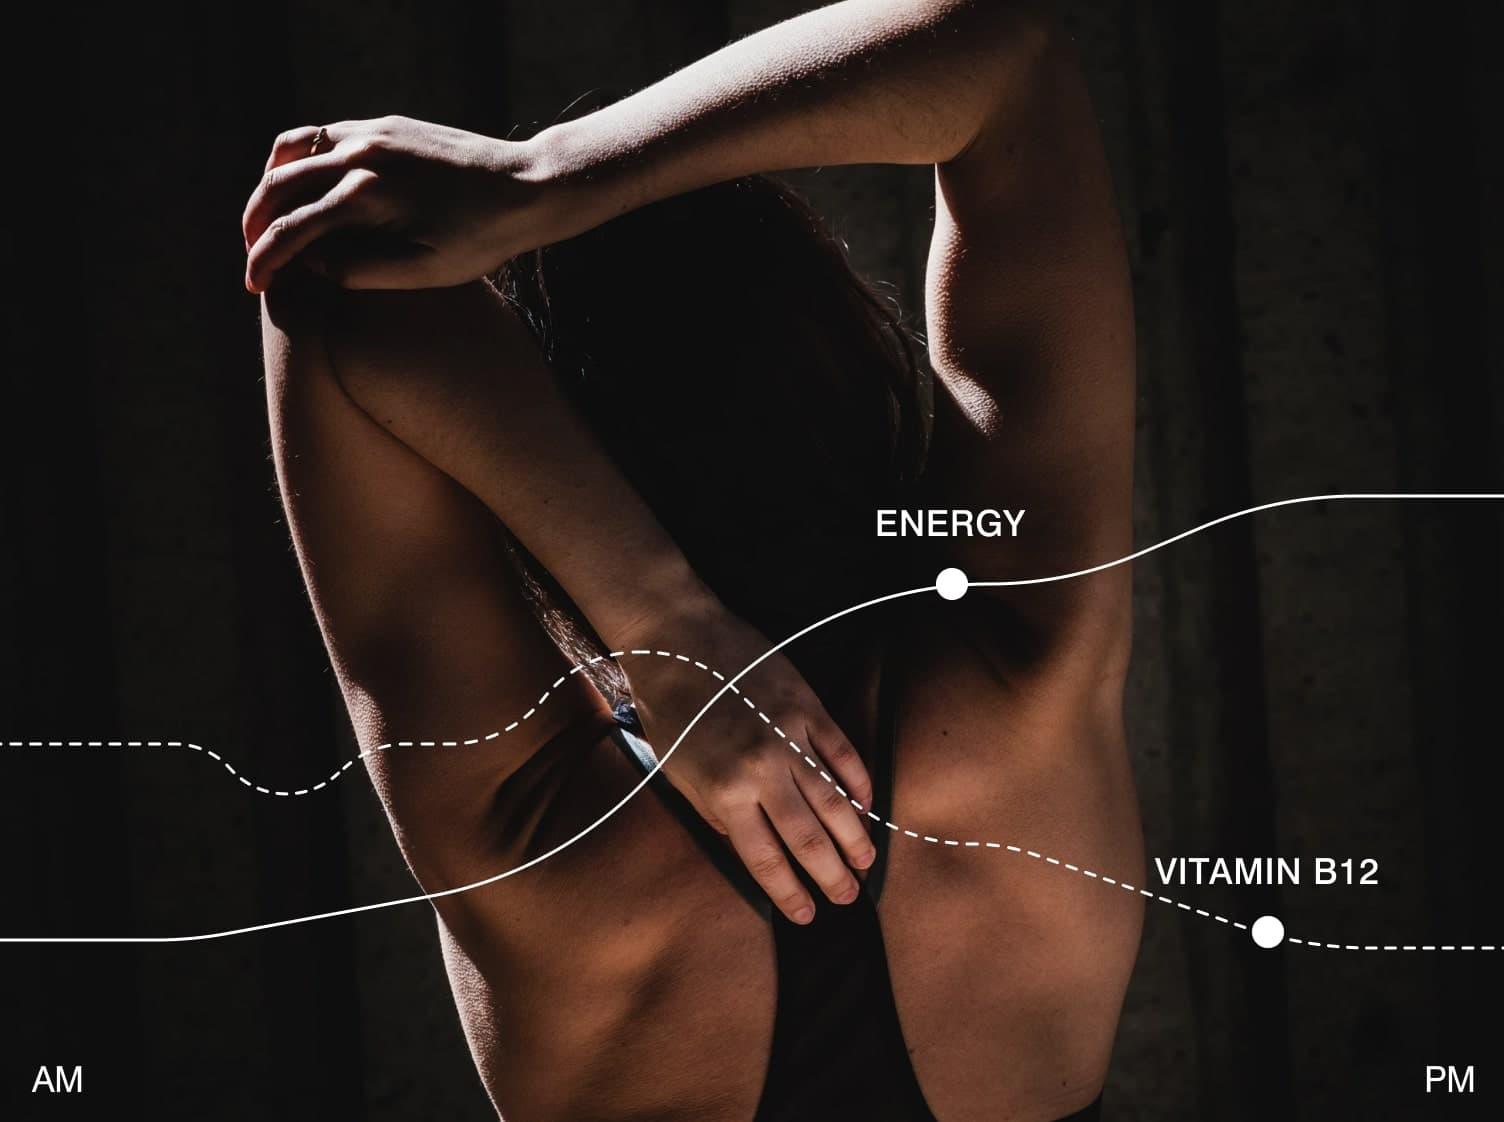 energy story